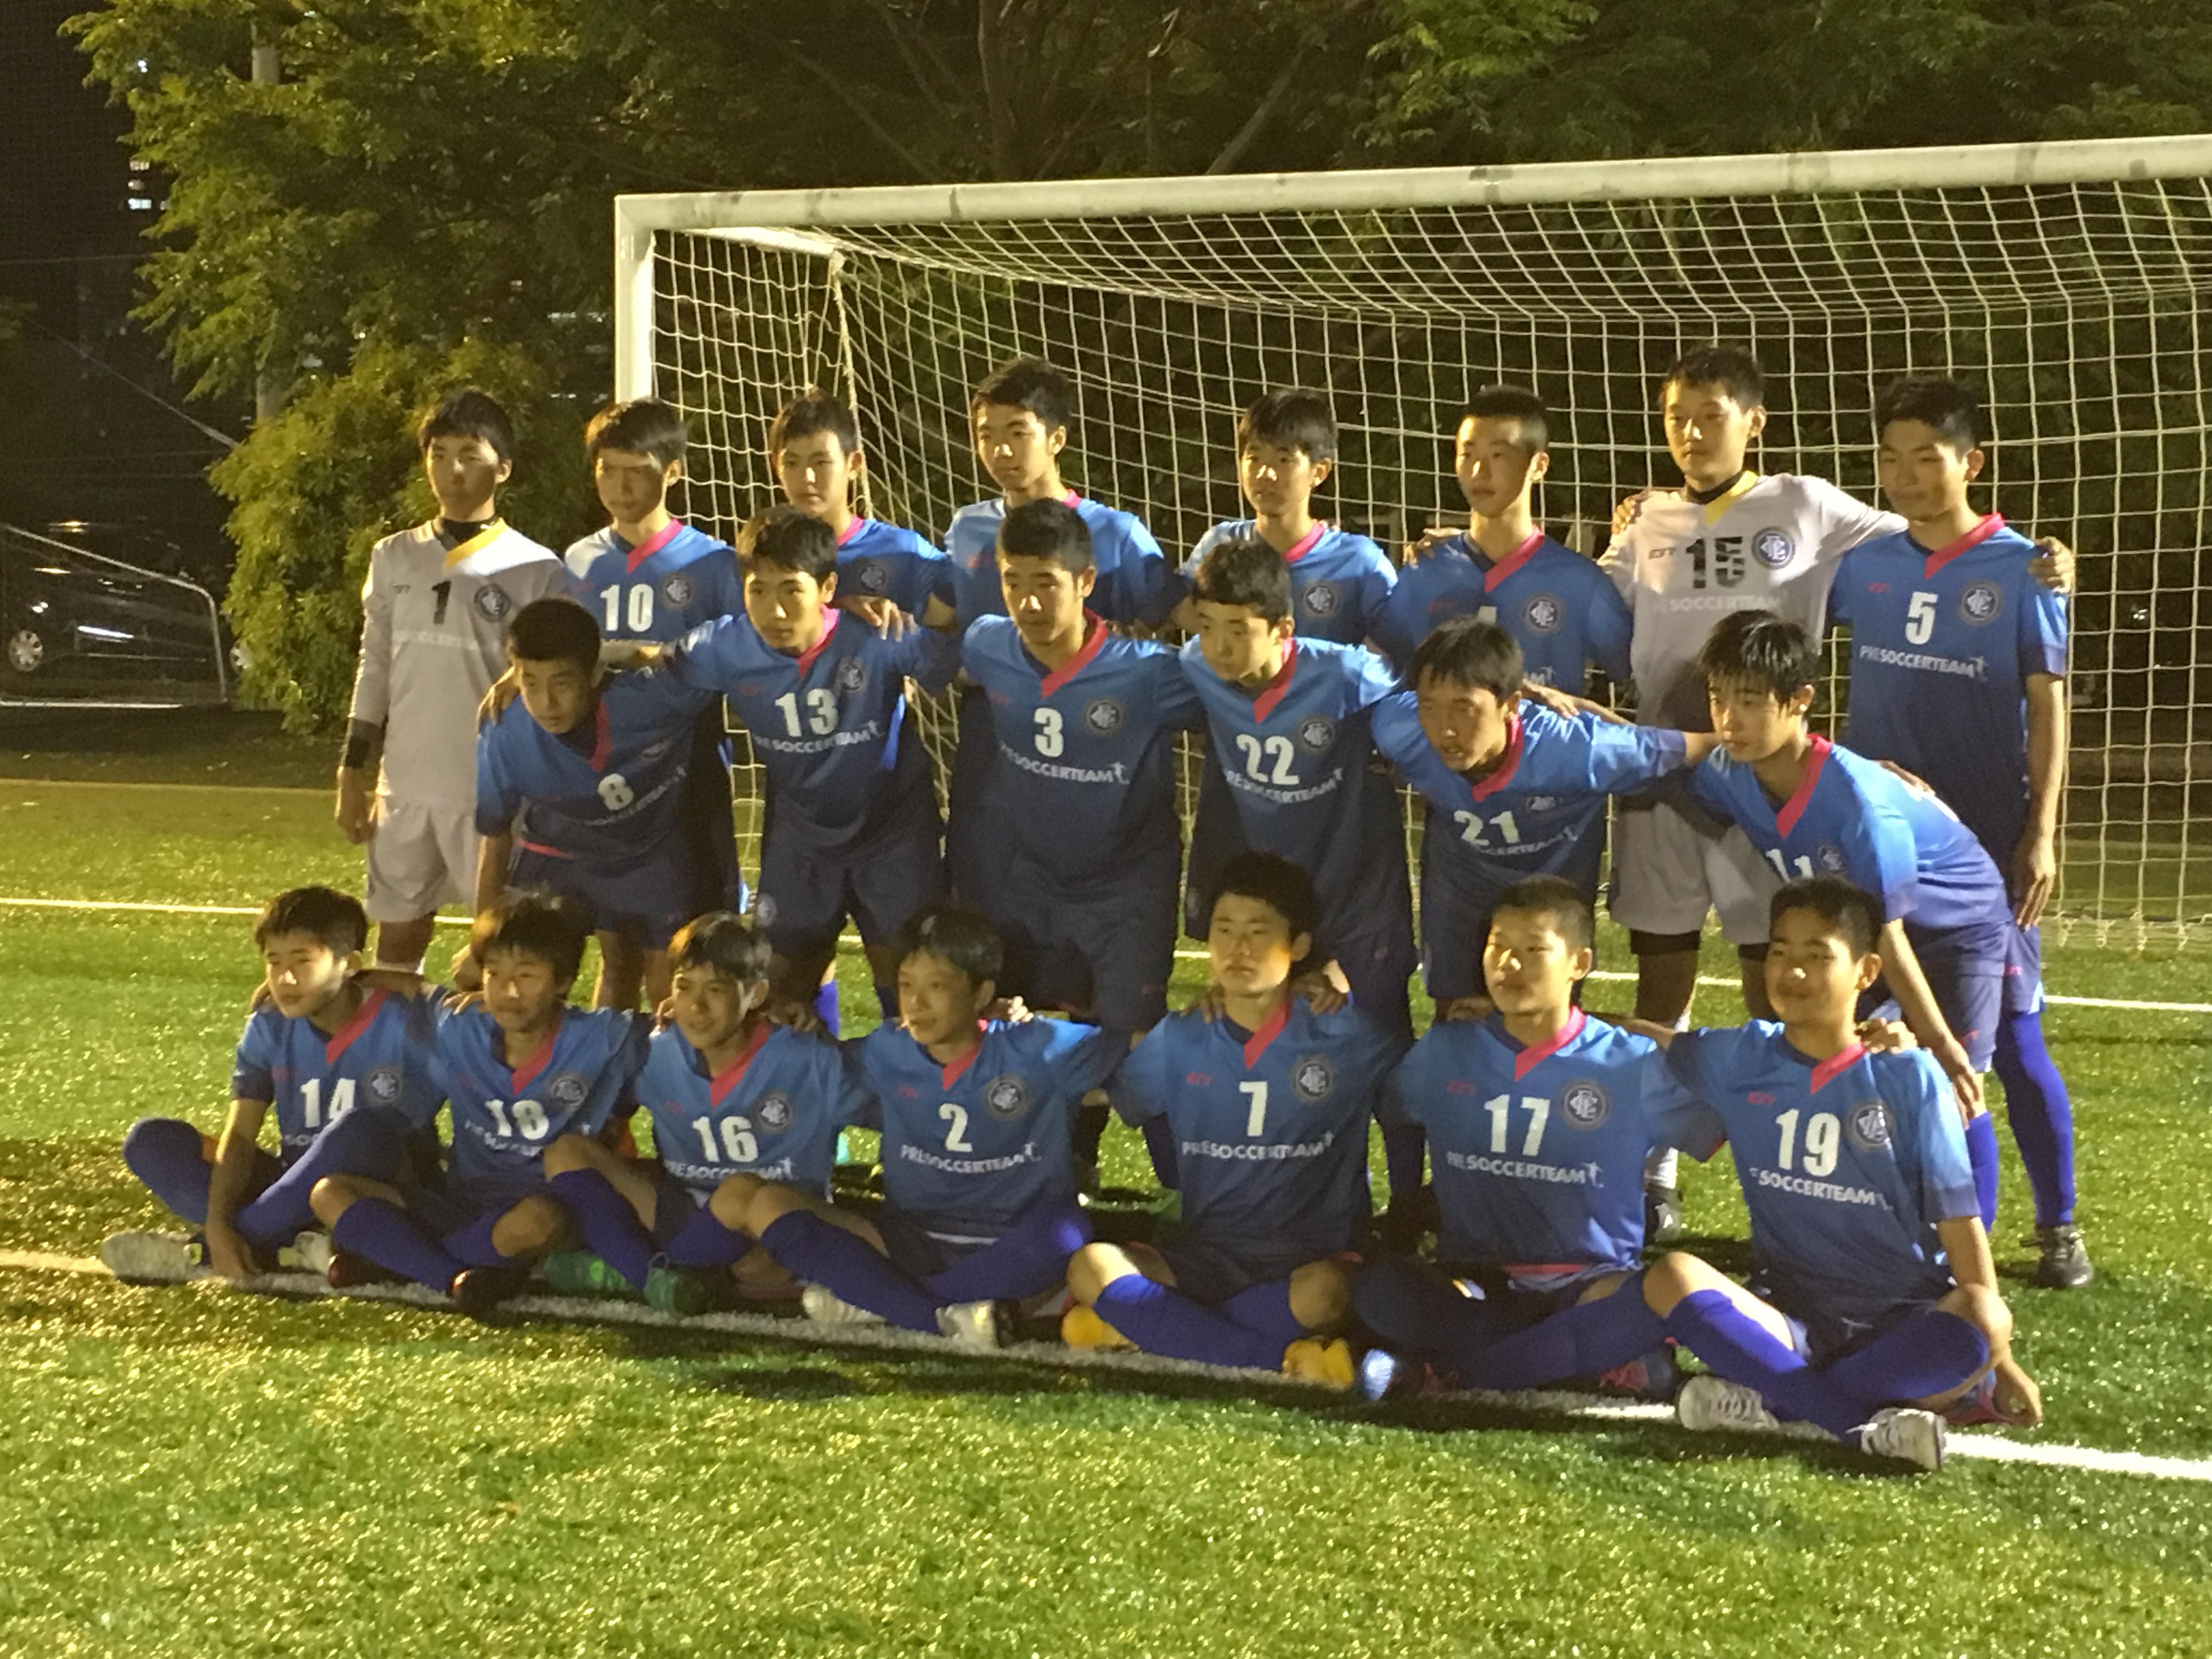 レアッシ福岡FC・U-15チーム 福岡県ユース サッカーリーグ 県3部 Bグループ 星取表-大混戦の上位争い-